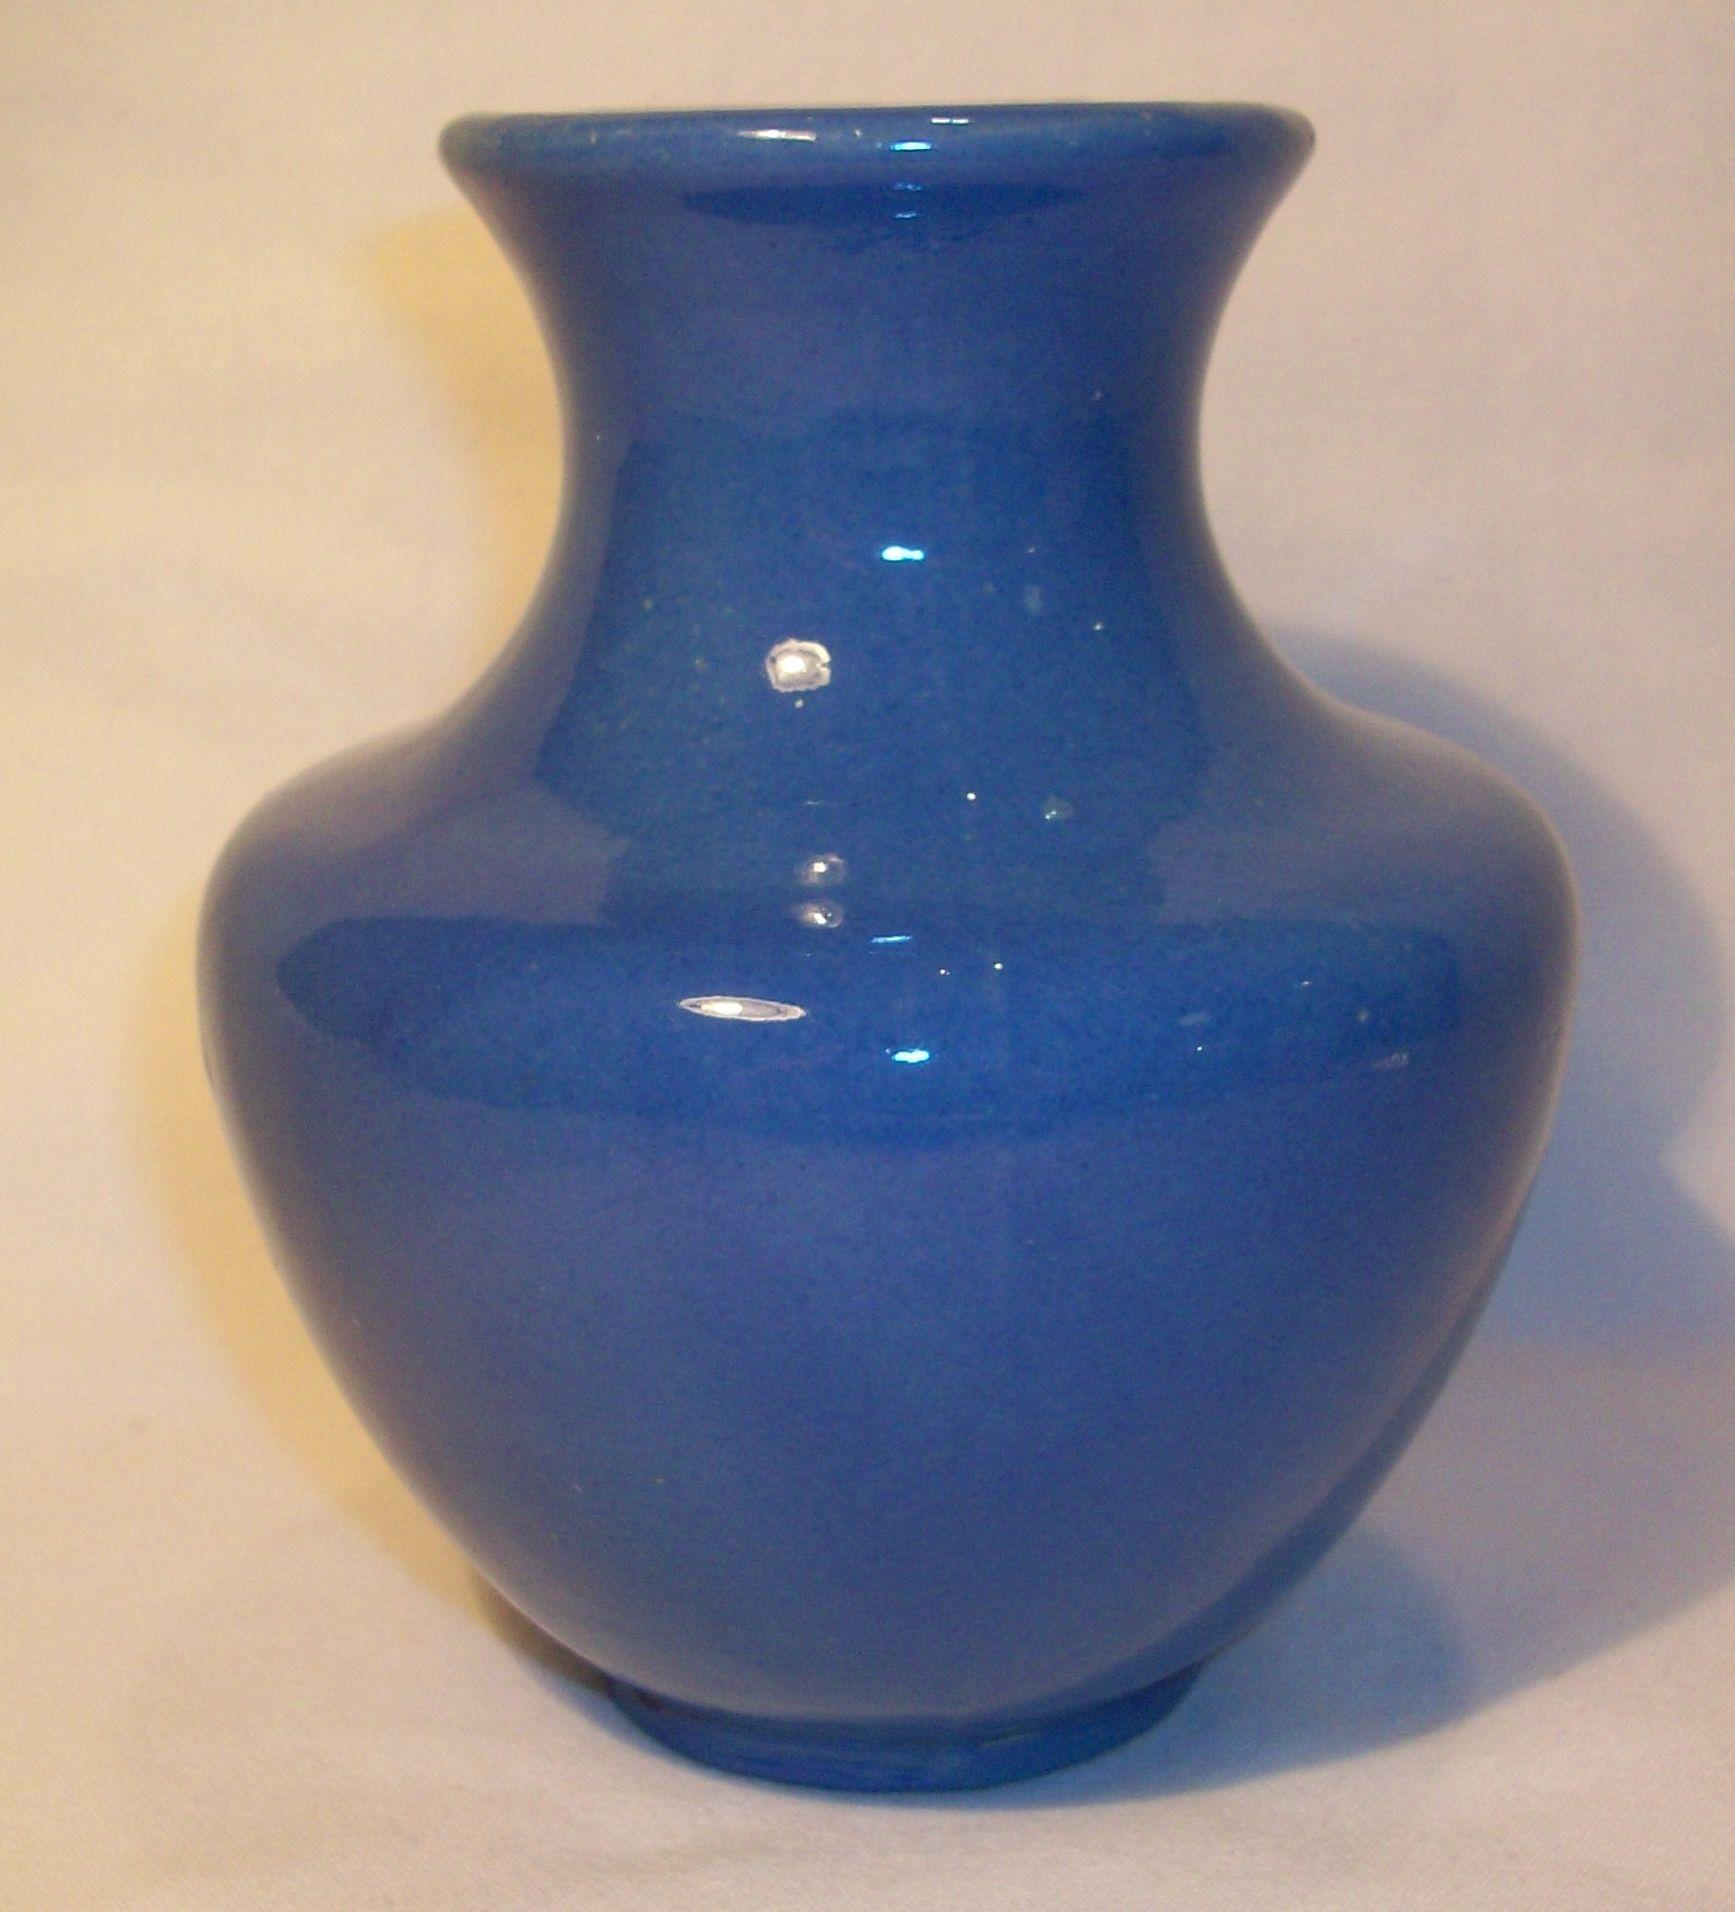 Vintage camark pottery vase vintage pottery from jens vintage vintage camark pottery vase reviewsmspy